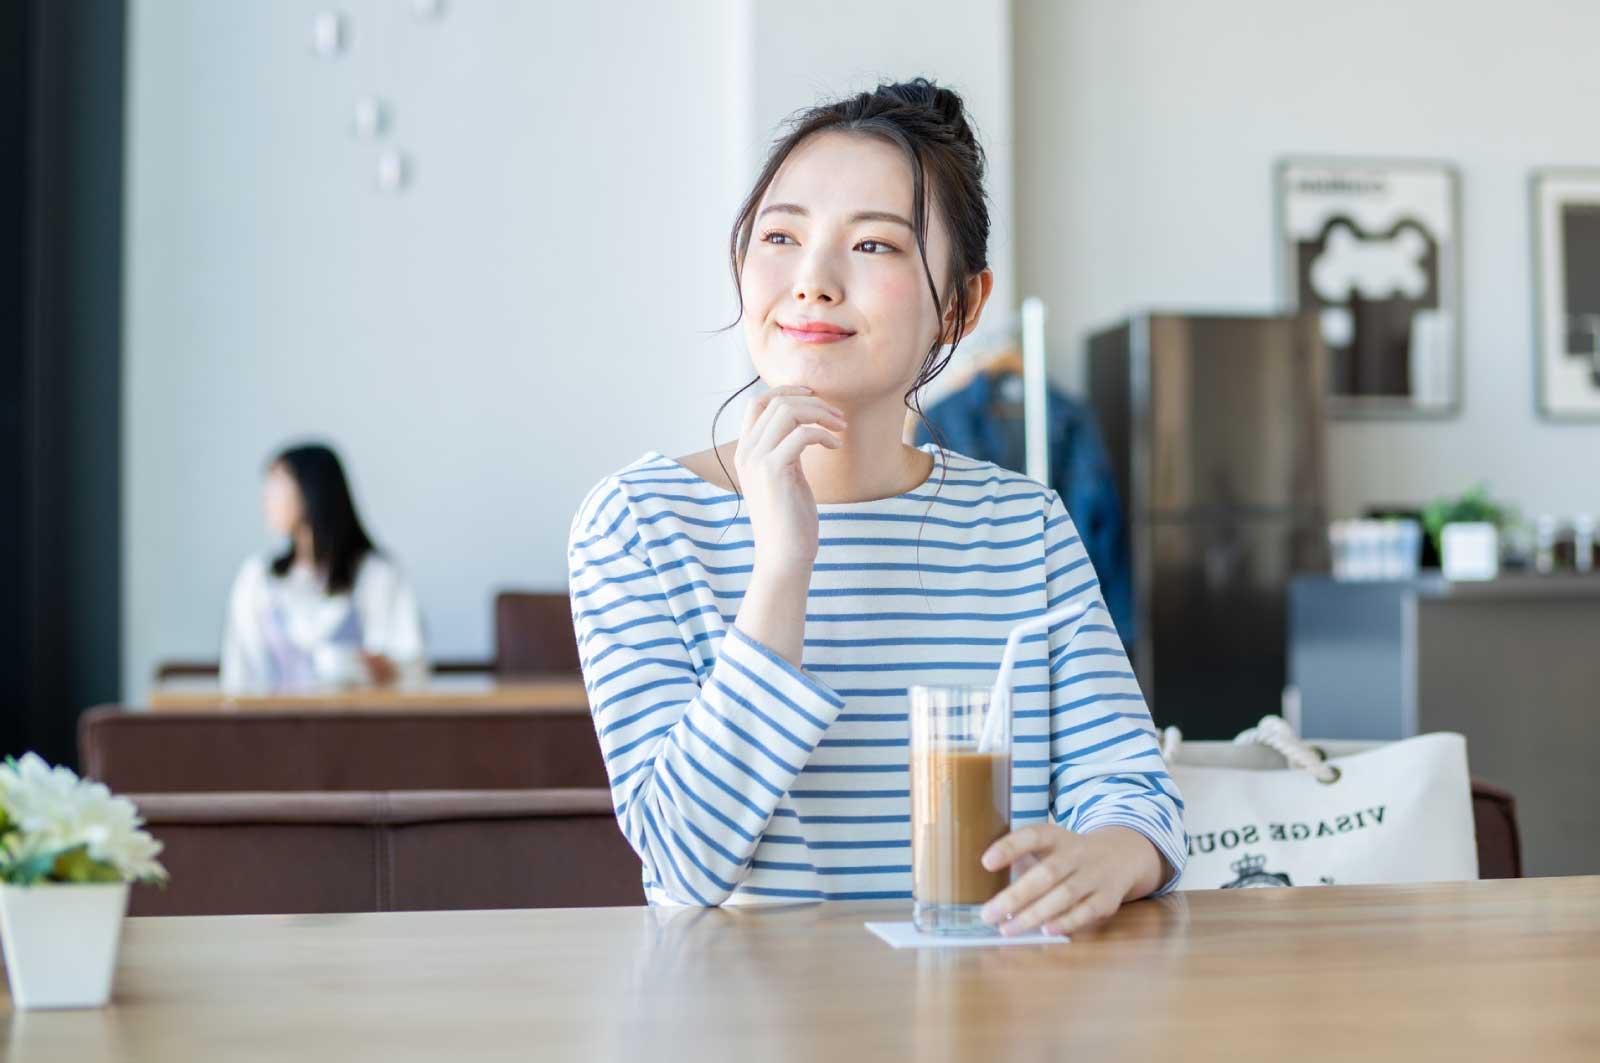 カフェ巡りする大学生